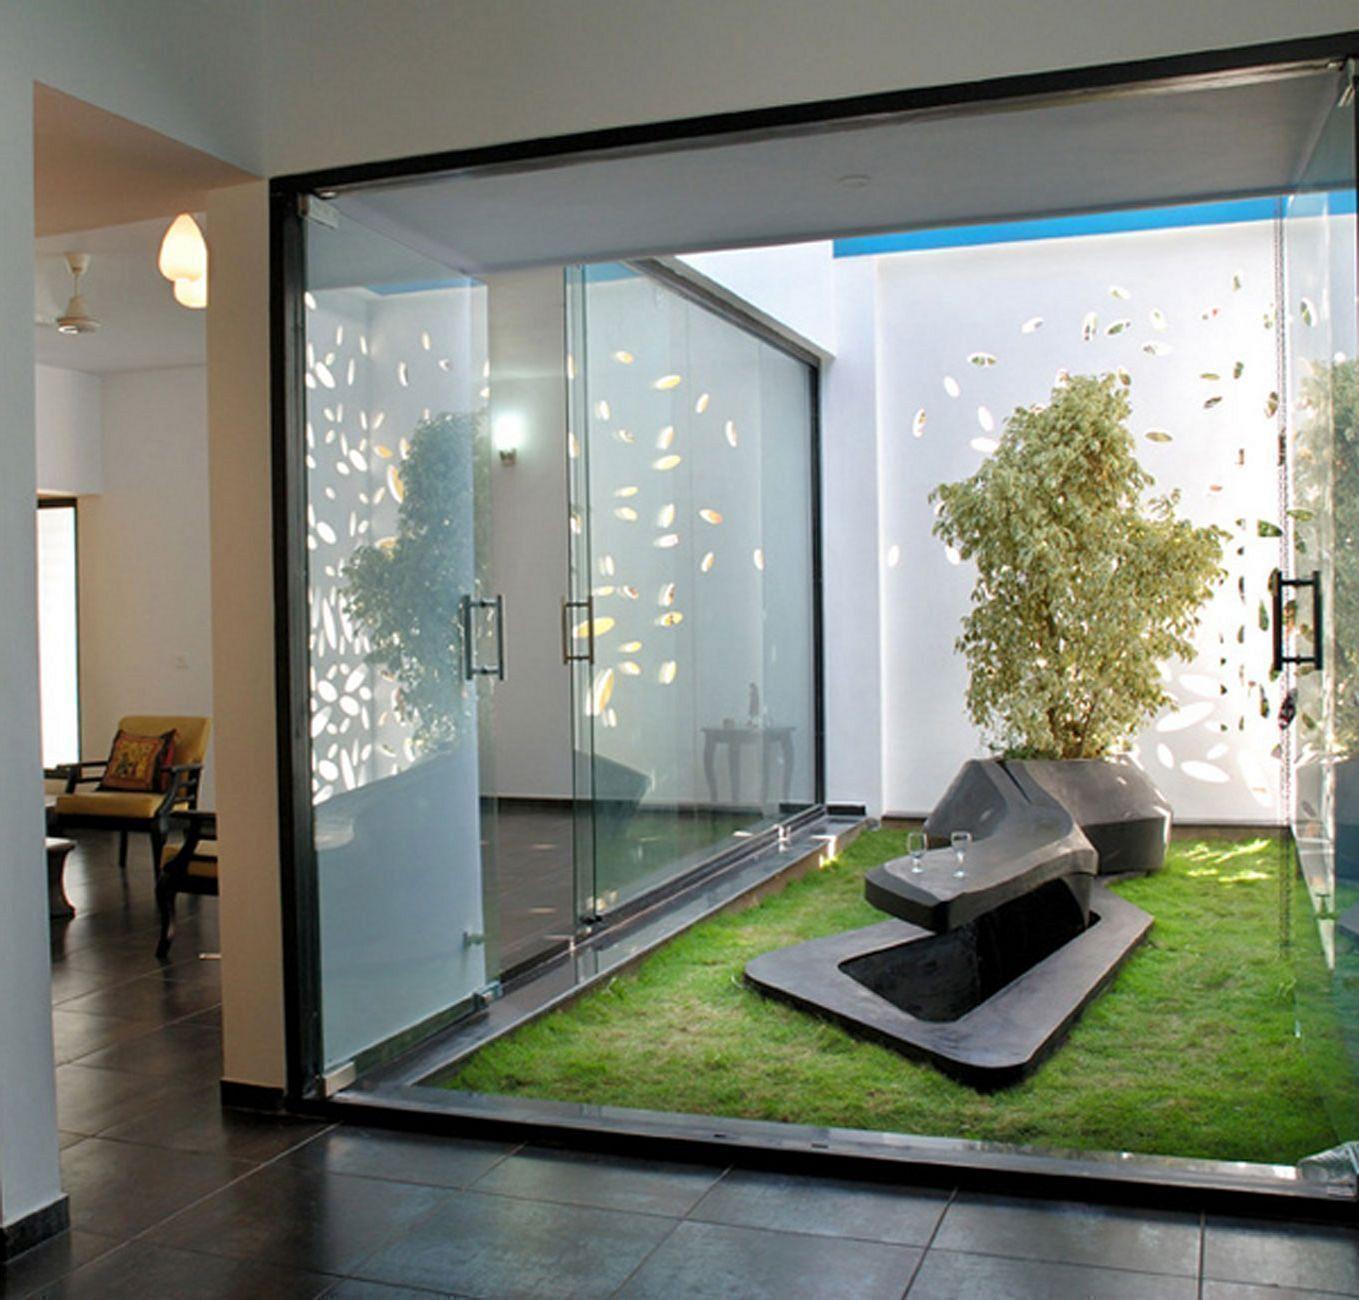 Top 25+ Amazing Minimalist Indoor Zen Garden Design Ideas  Https://decorathing.